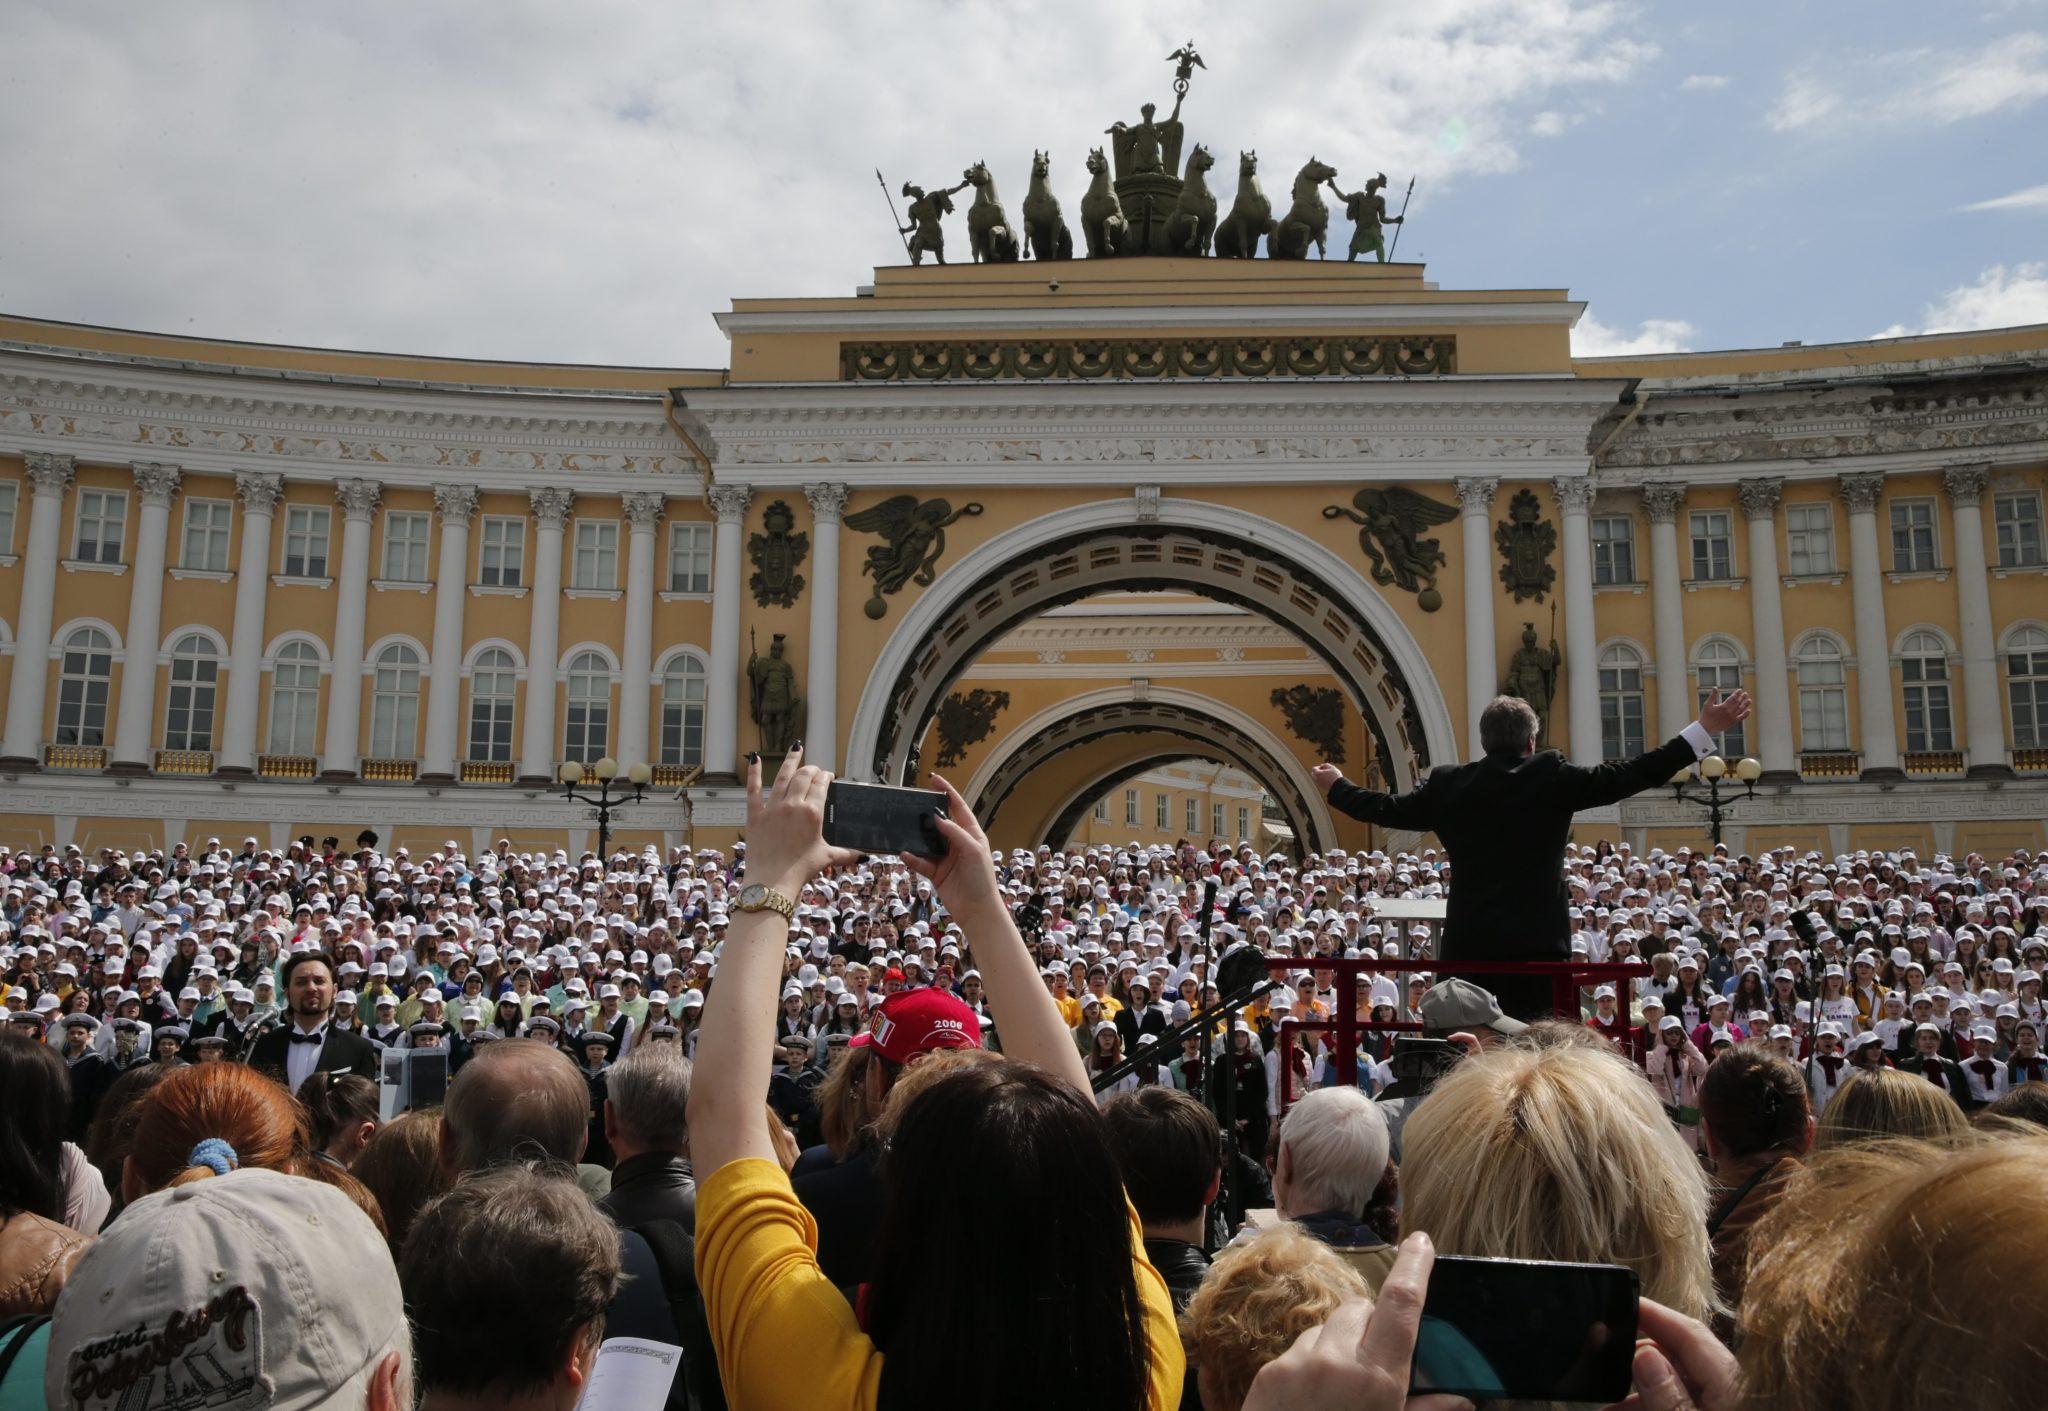 Rosja: koncert chórów łączonych w Sankt Petersburgu (foto. PAP/PA/ANATOLY MALTSEV)